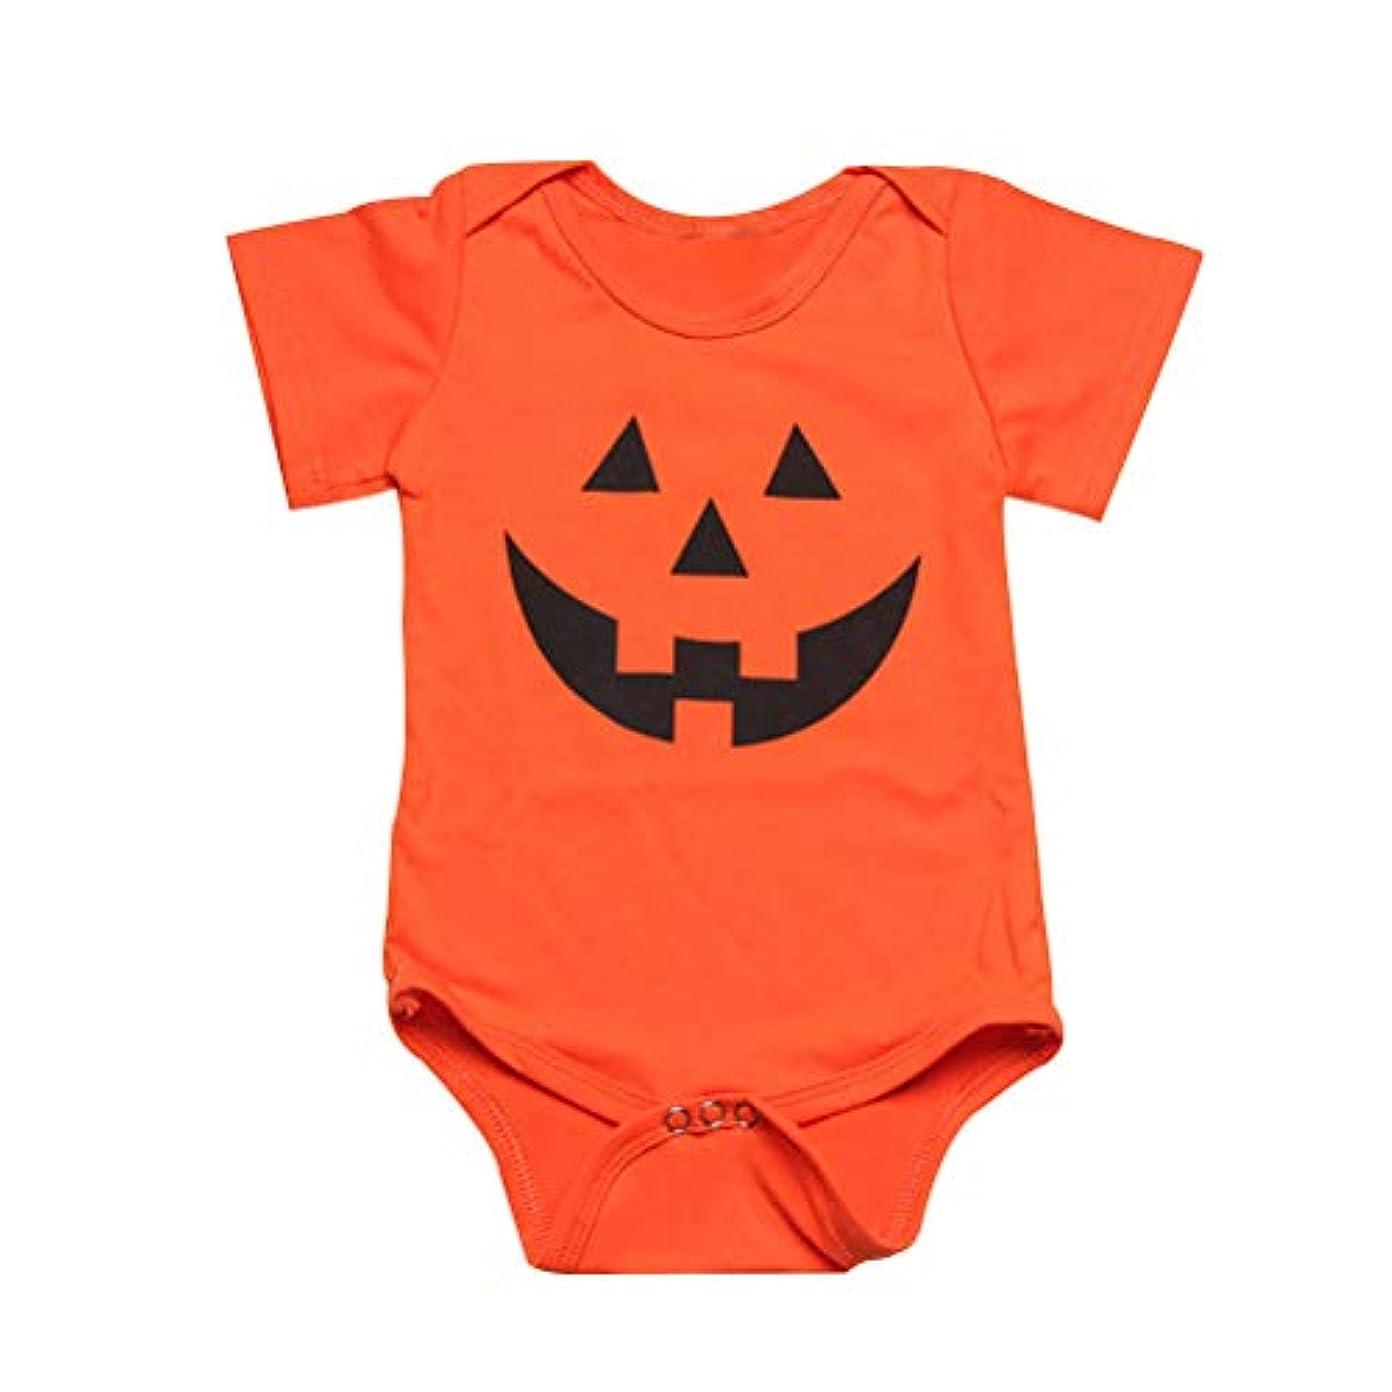 広告する行進フルーツ野菜夏 子供 ハロウィン かぼちゃ プリント オレンジ 半袖 ロンパス カバーオール 乳幼児服 肌着